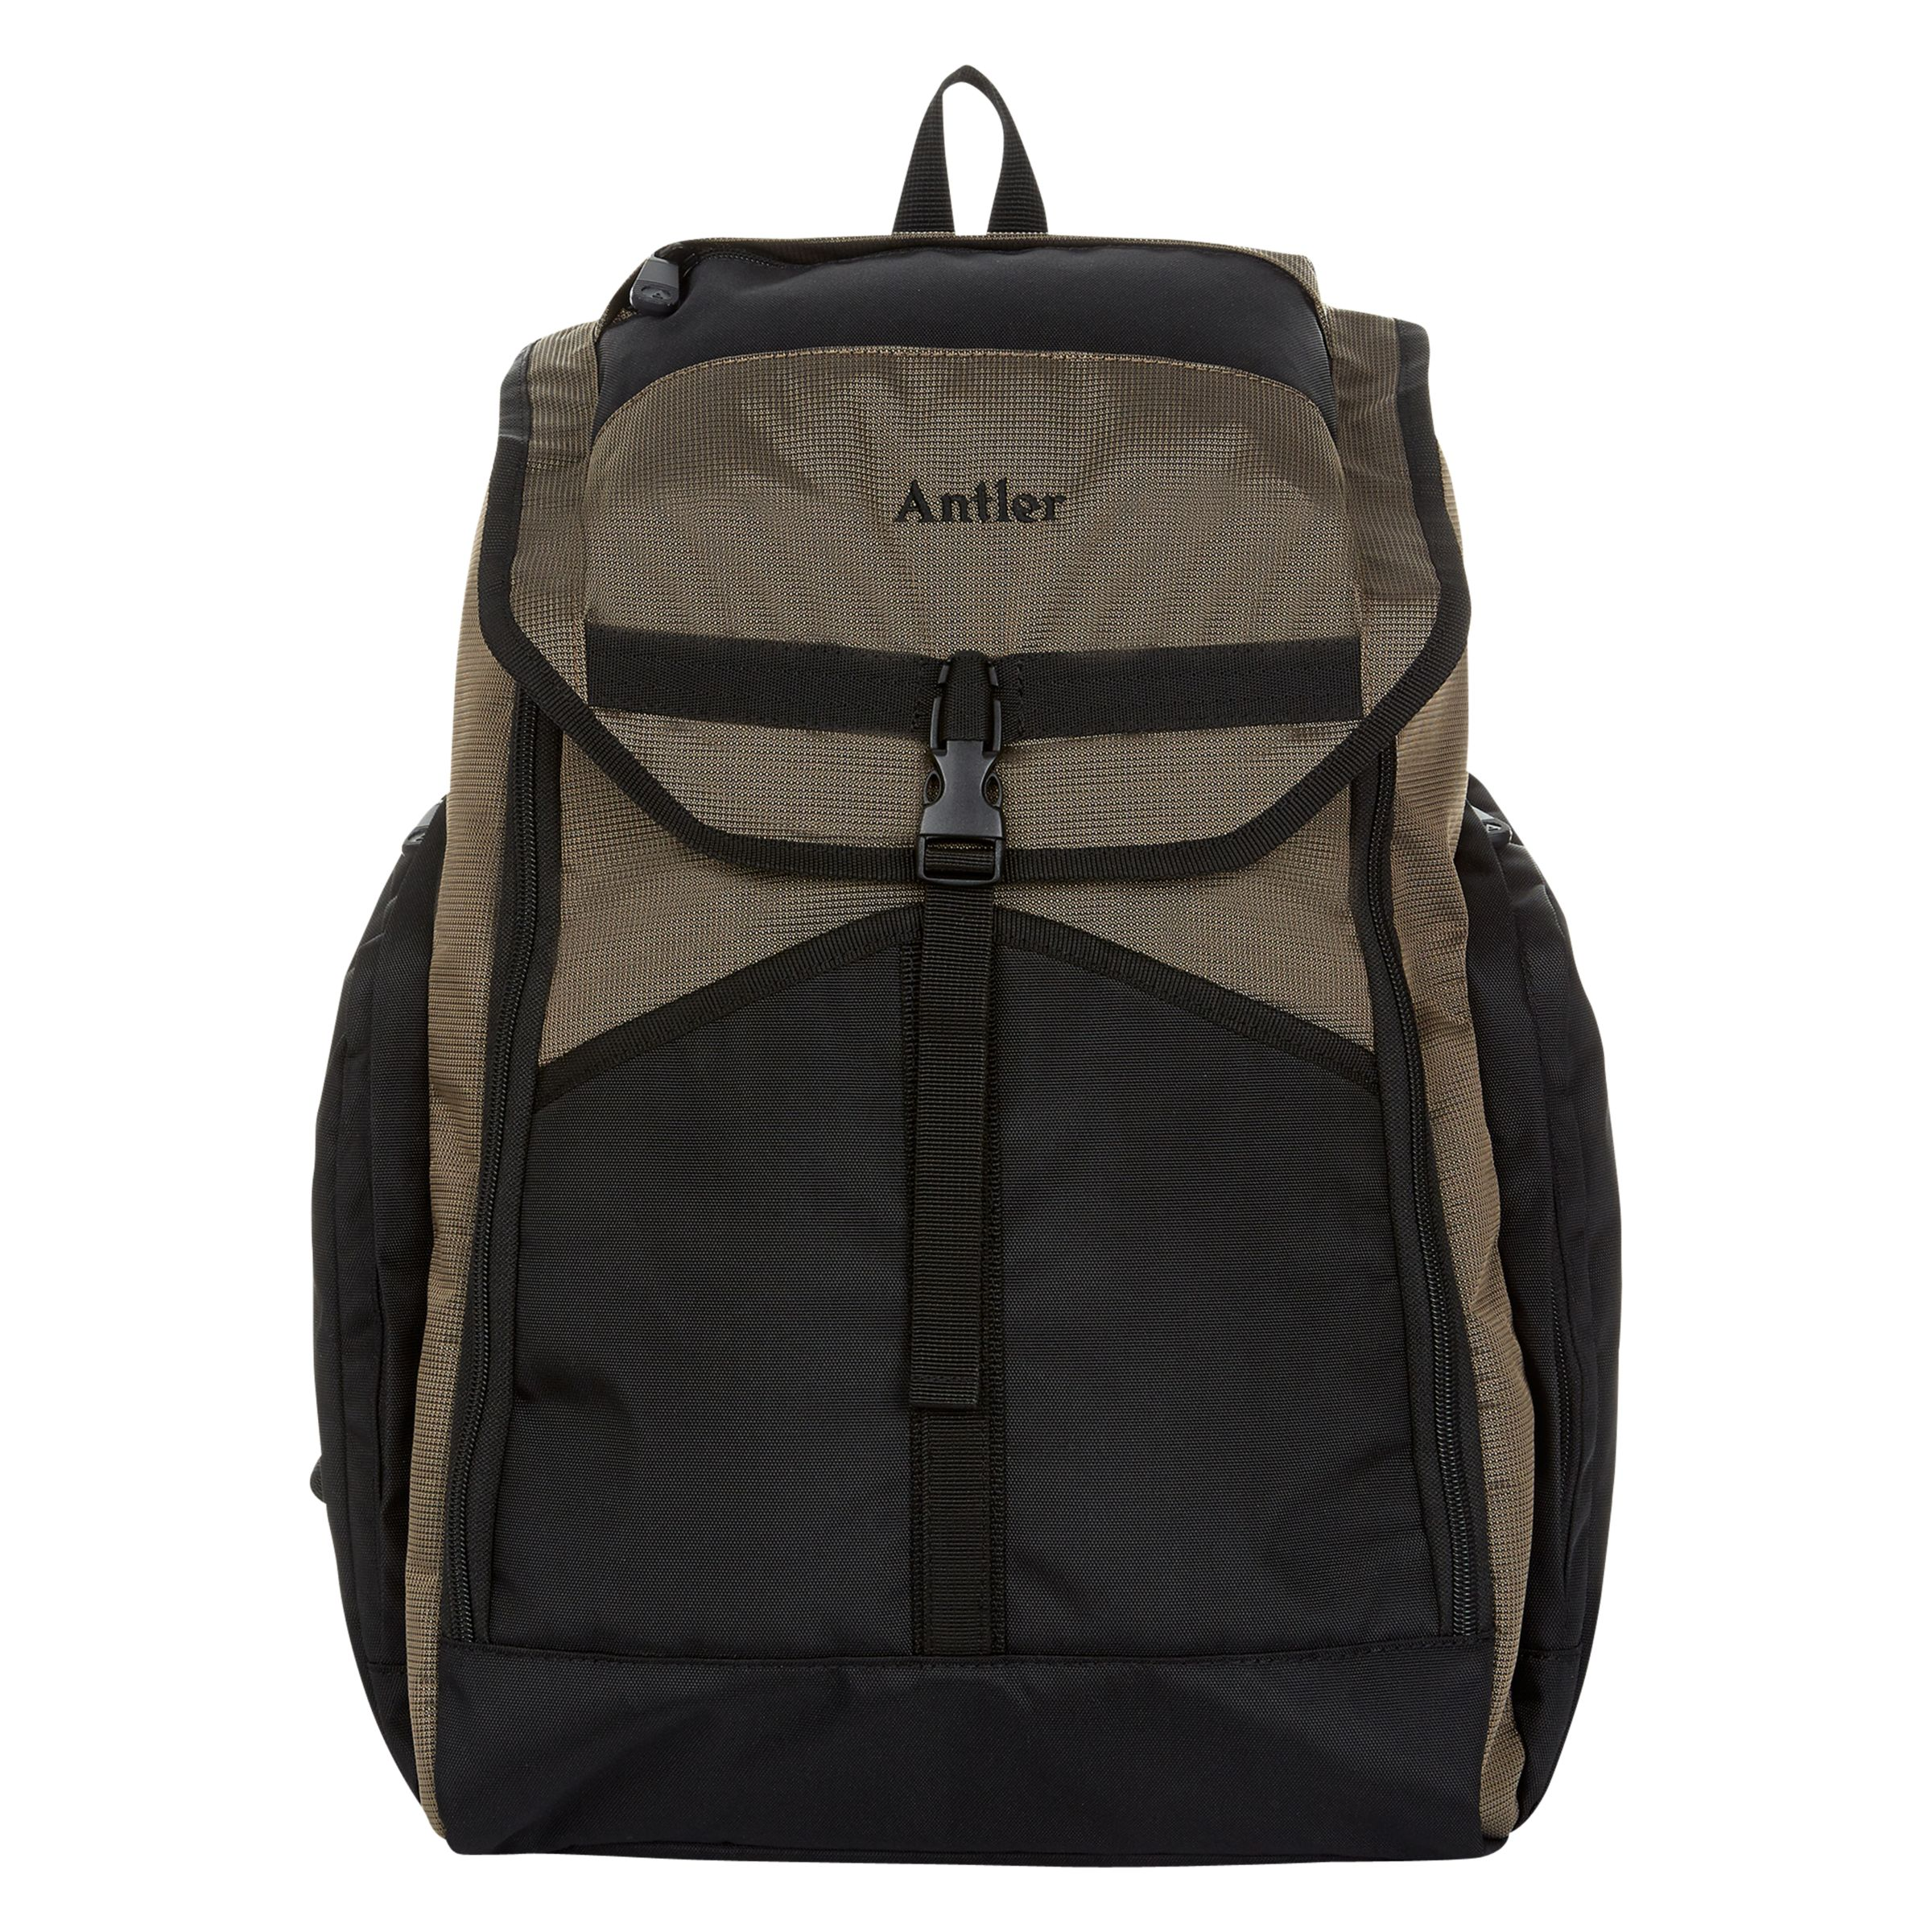 Antler Antler Tundra Backpack, Khaki